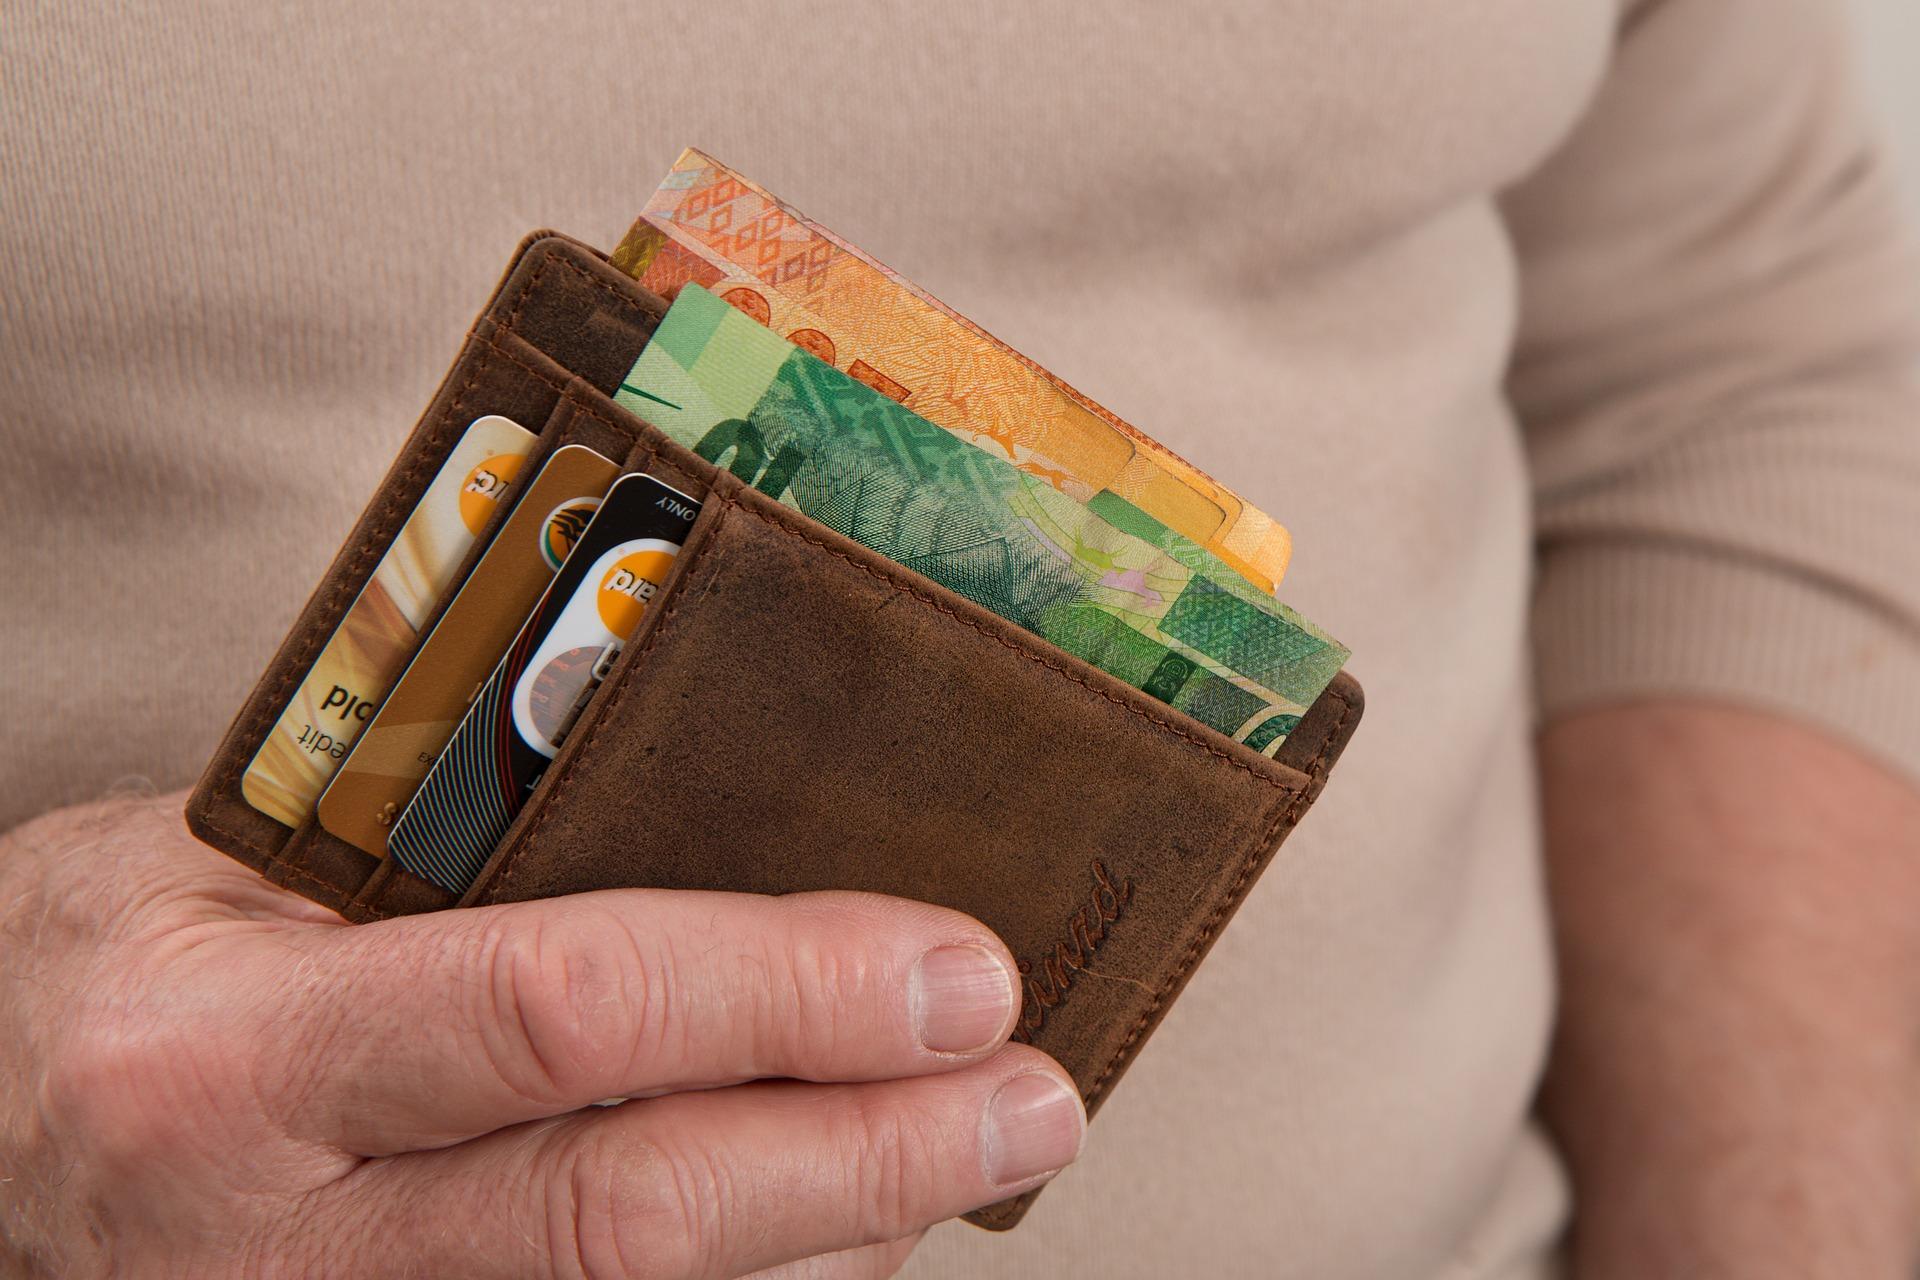 Girokonto und Kreditkarte der DKB